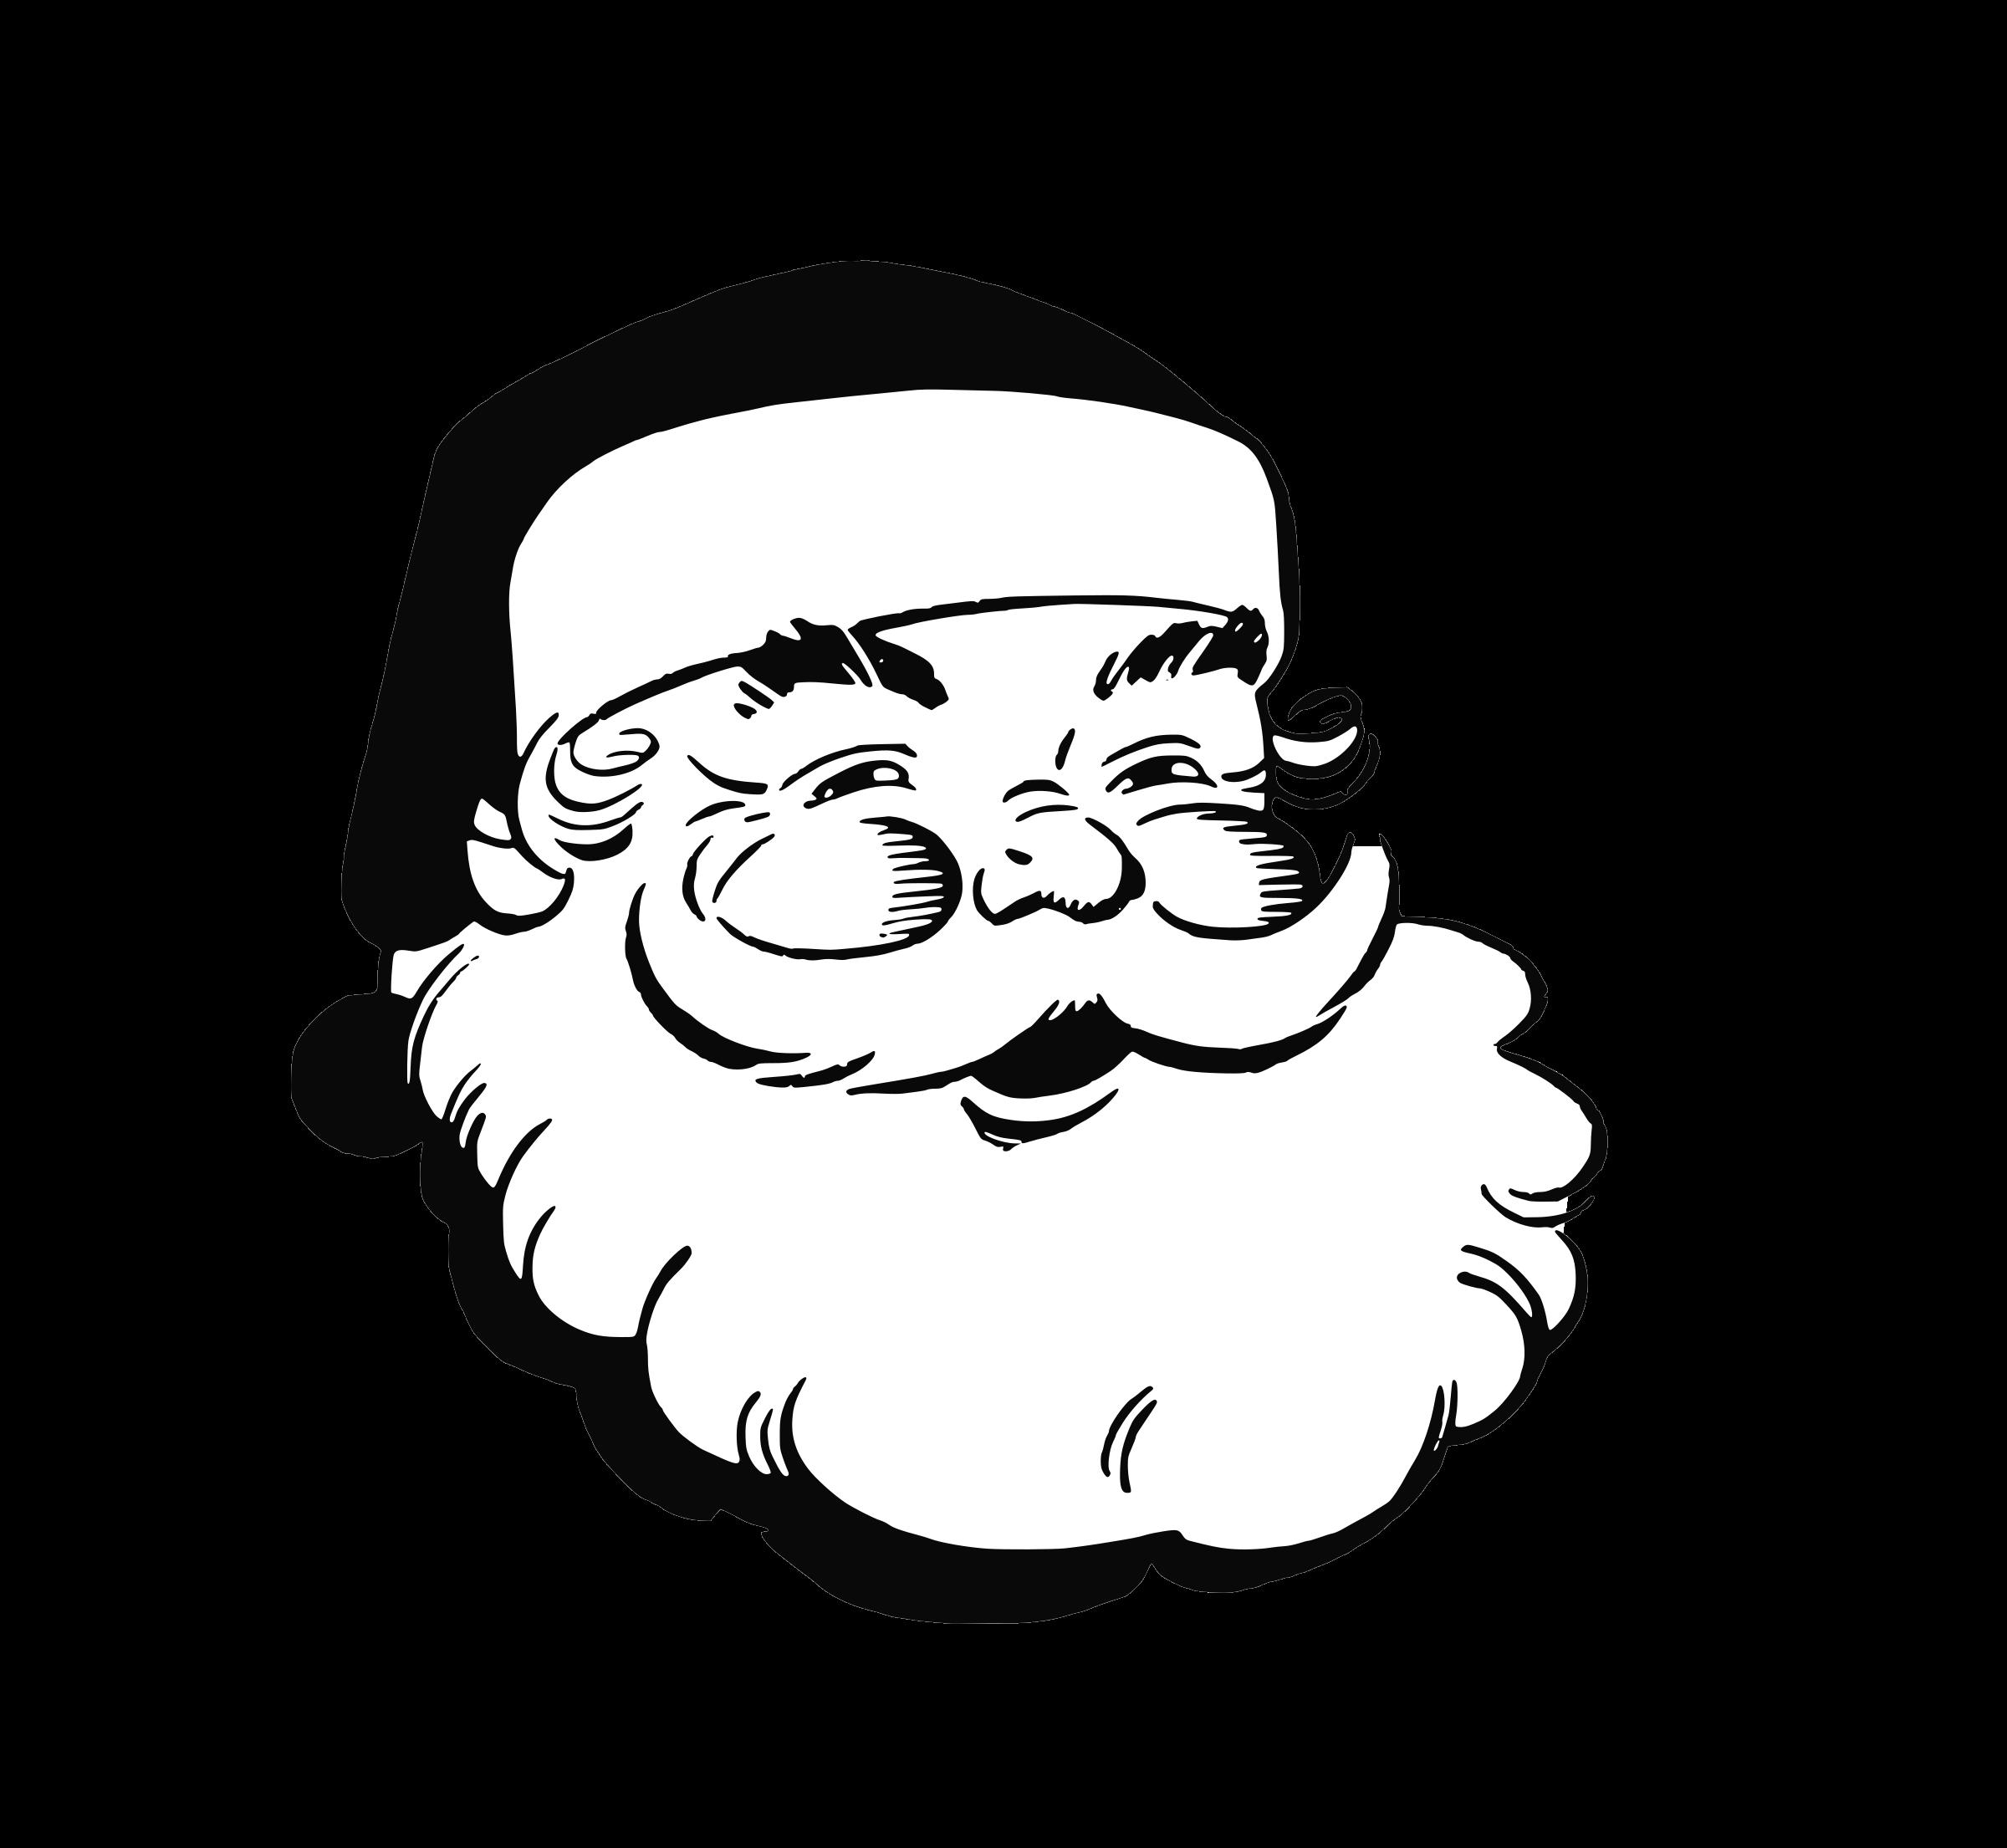 clip art freeuse library Big image png. Beard clipart santa claus